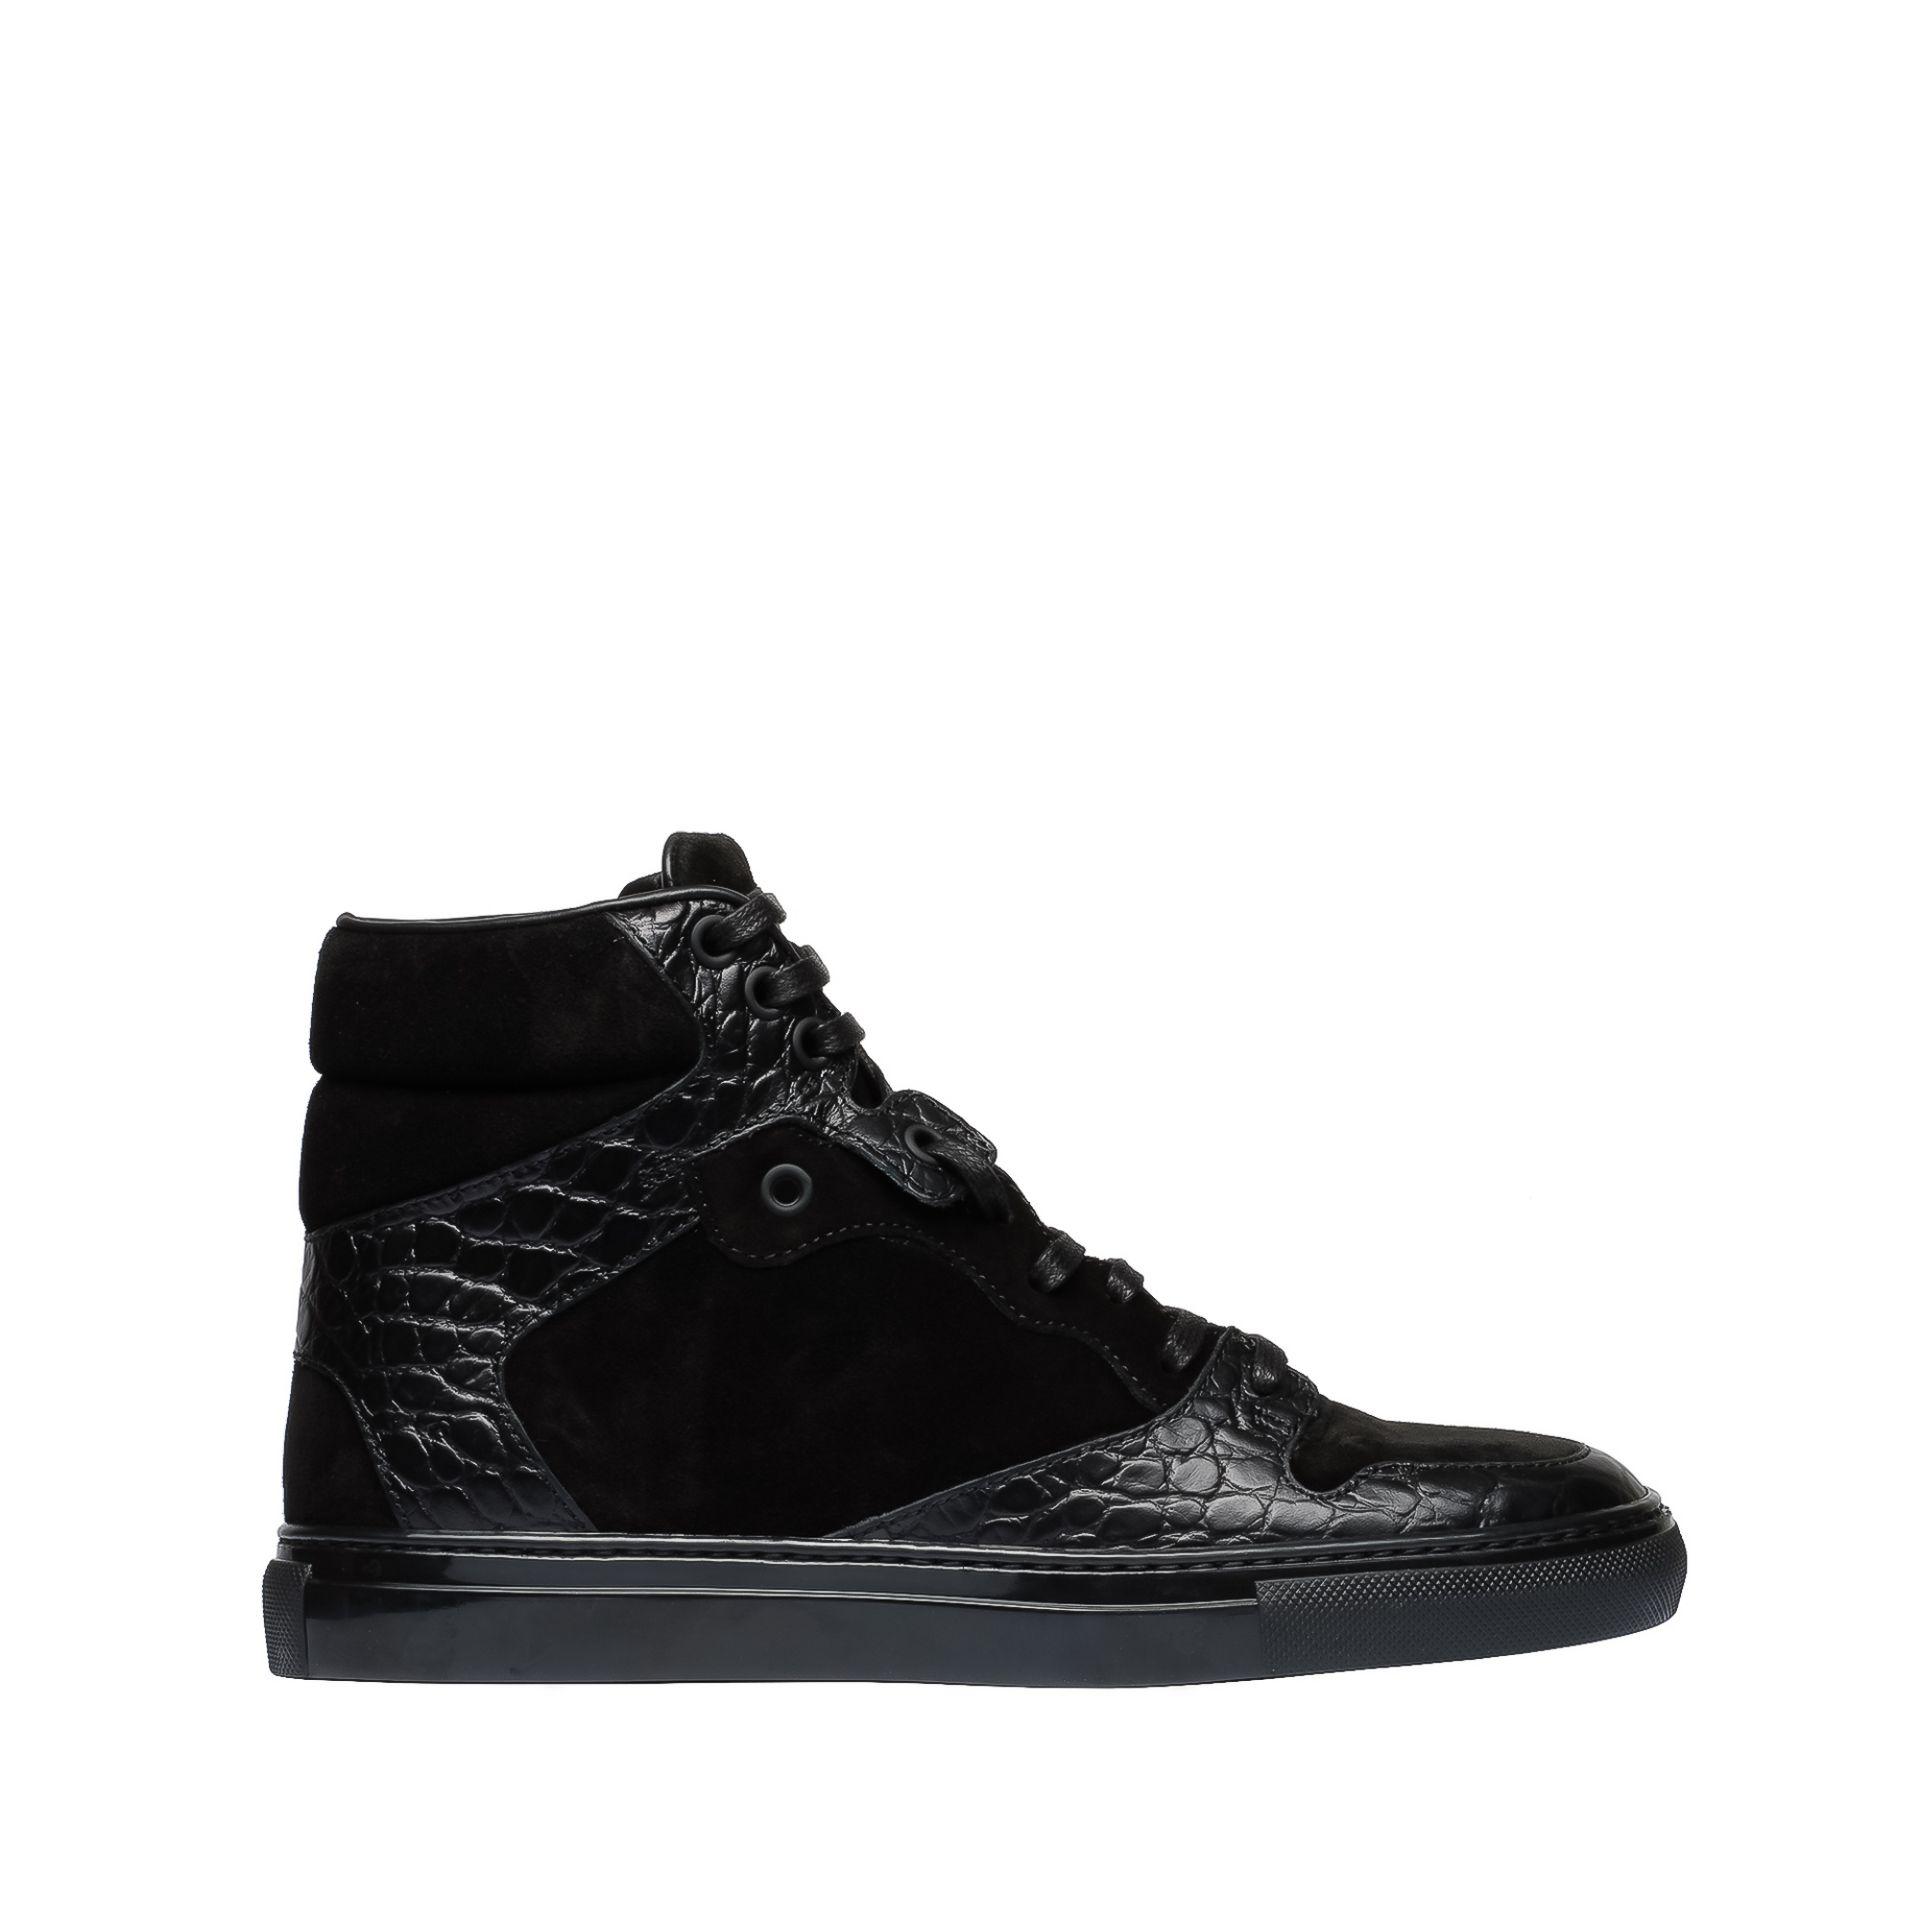 Sneakers - Chaussures Femme BALENCIAGA - En vente sur l'Online Store Officiel